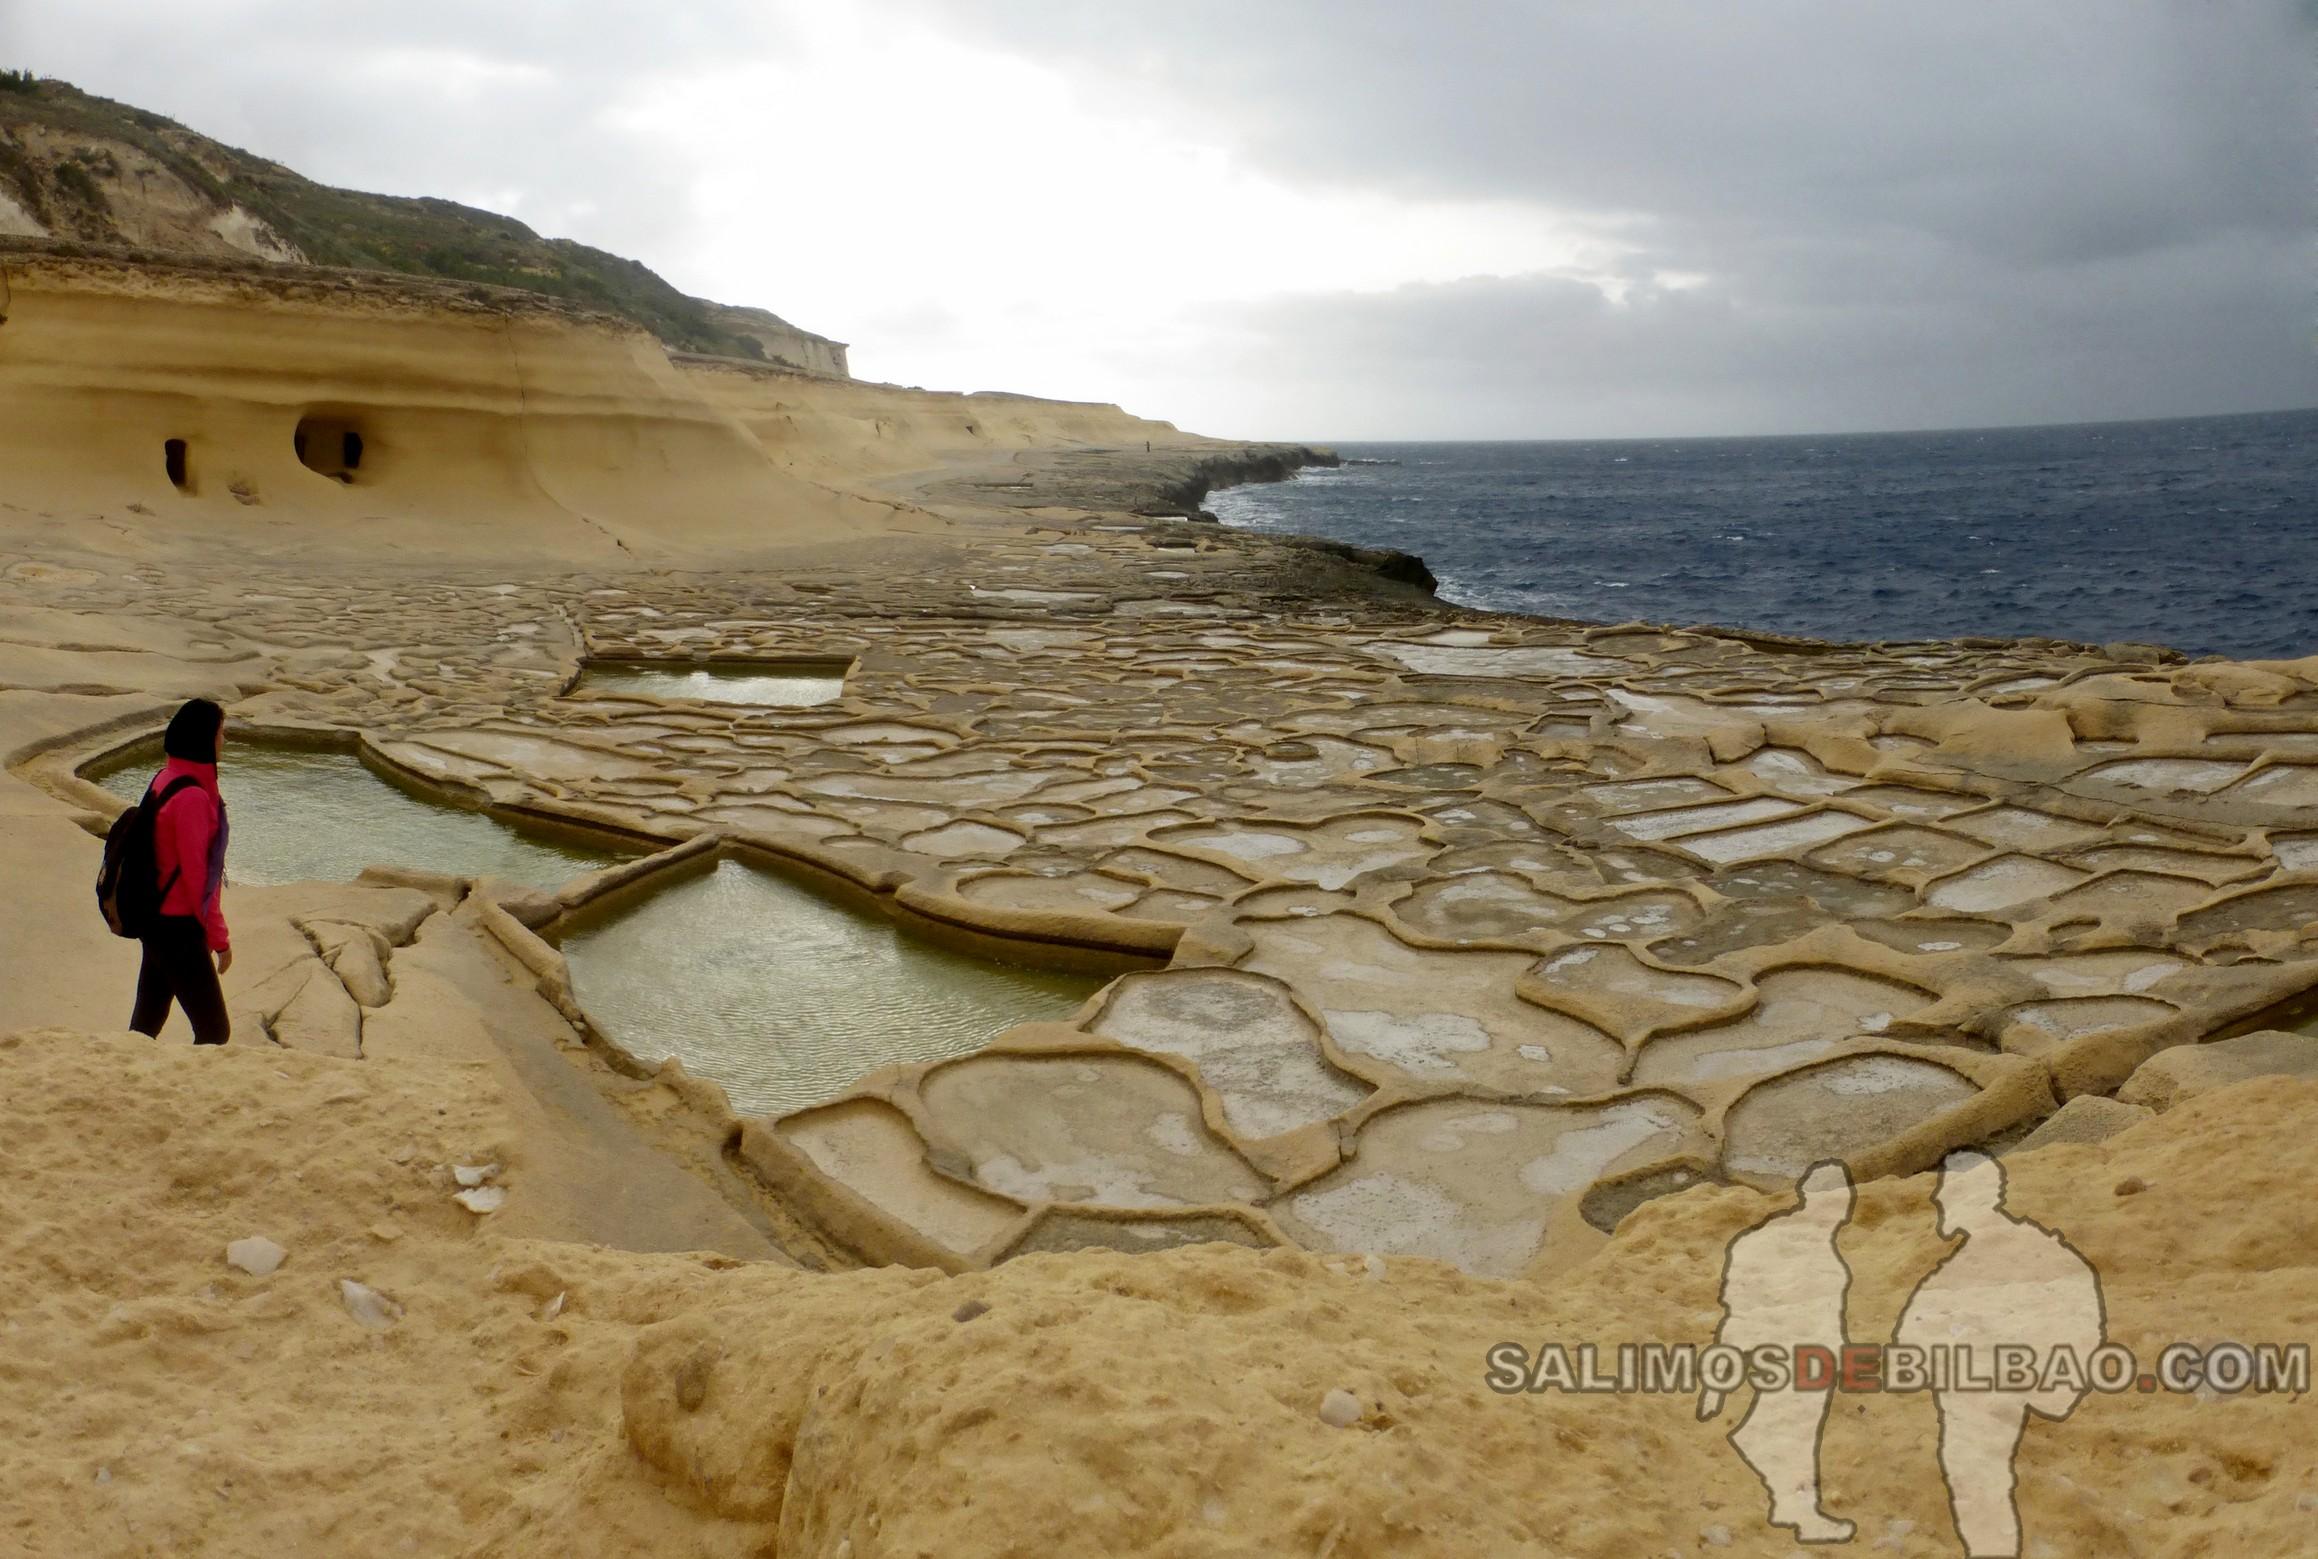 0442. Pano, Salinas, Gozo